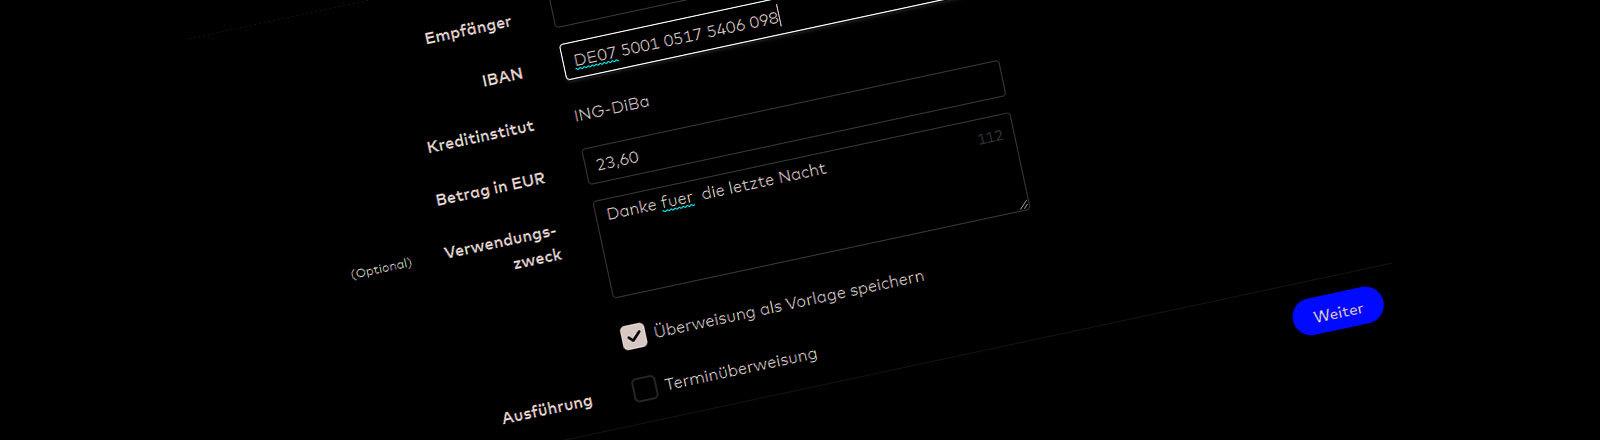 Screenshot eines Online-Überweisungsformulars